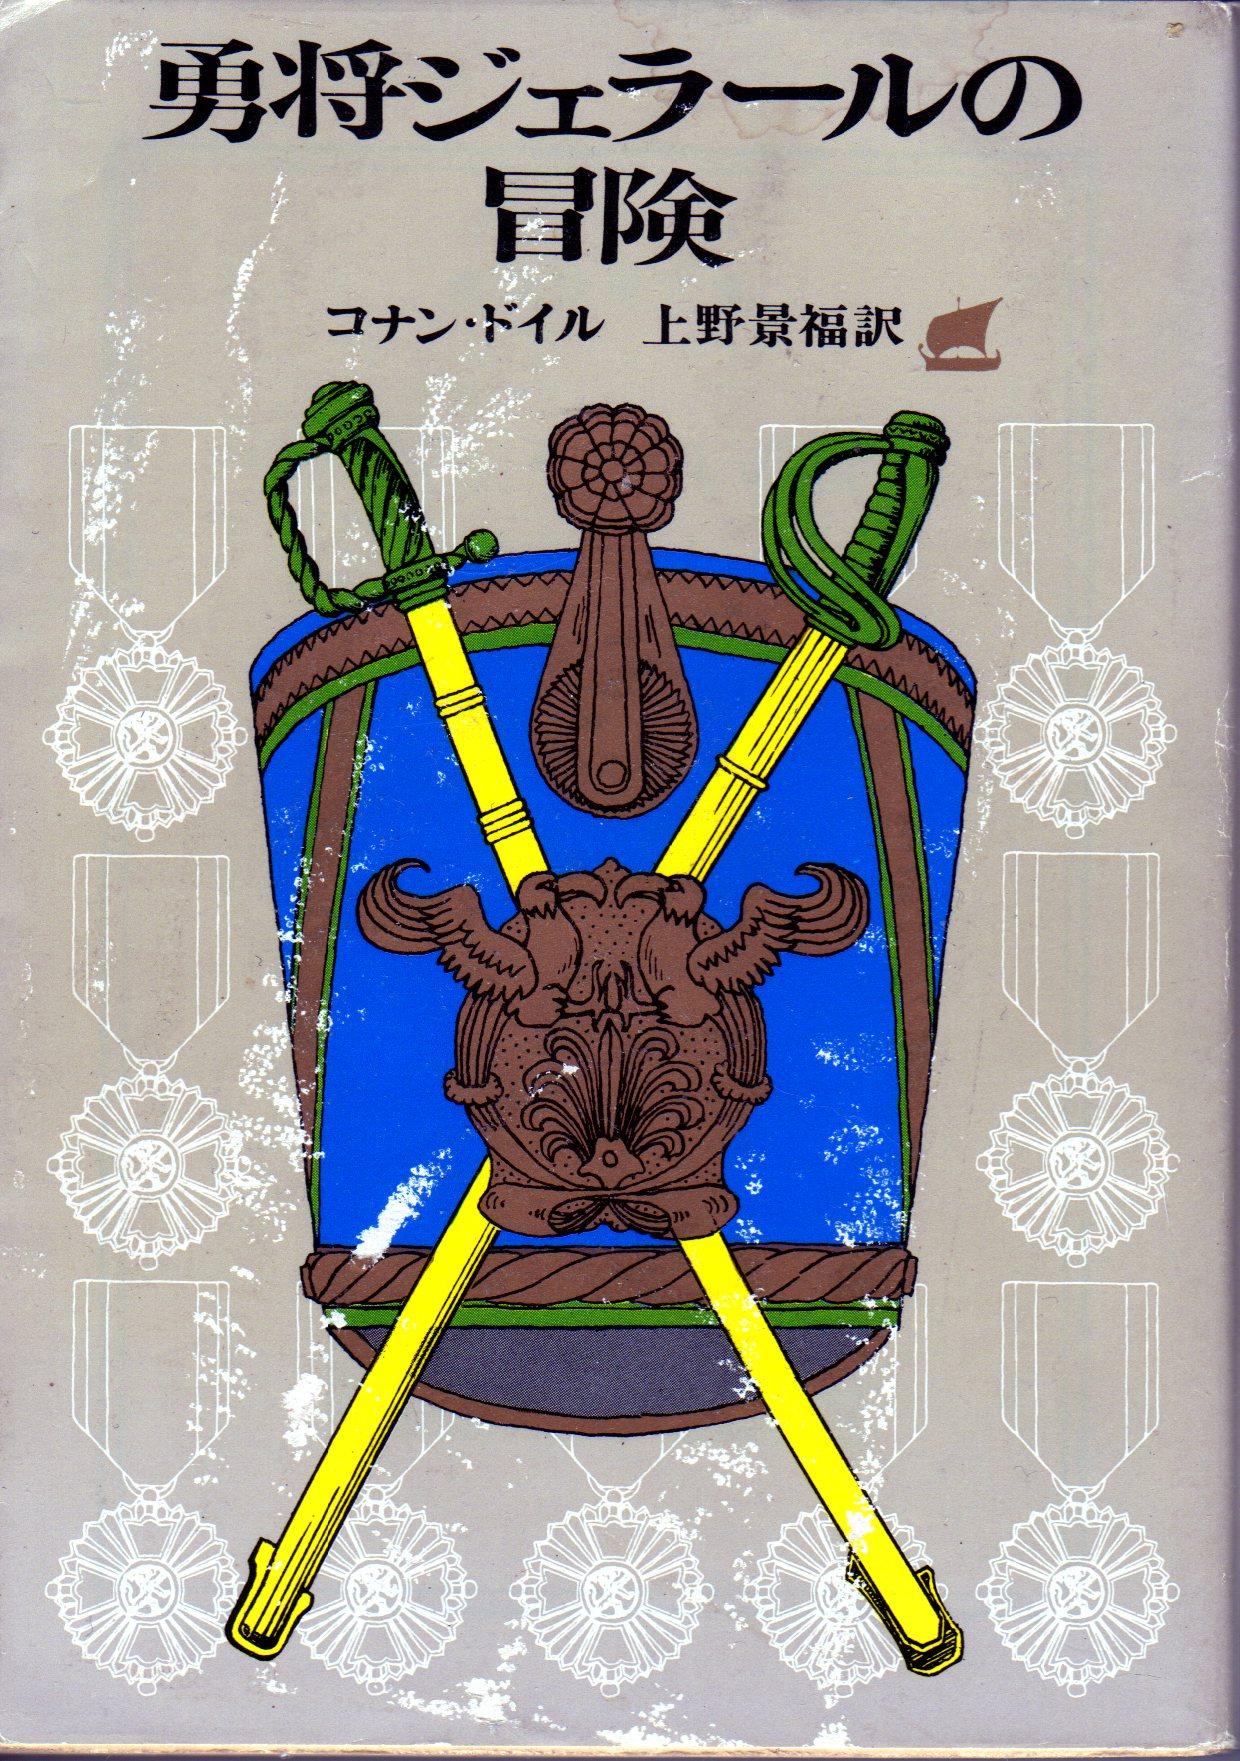 ホームズ・ドイル・古本 片々録 by ひろ坊                bsi2211